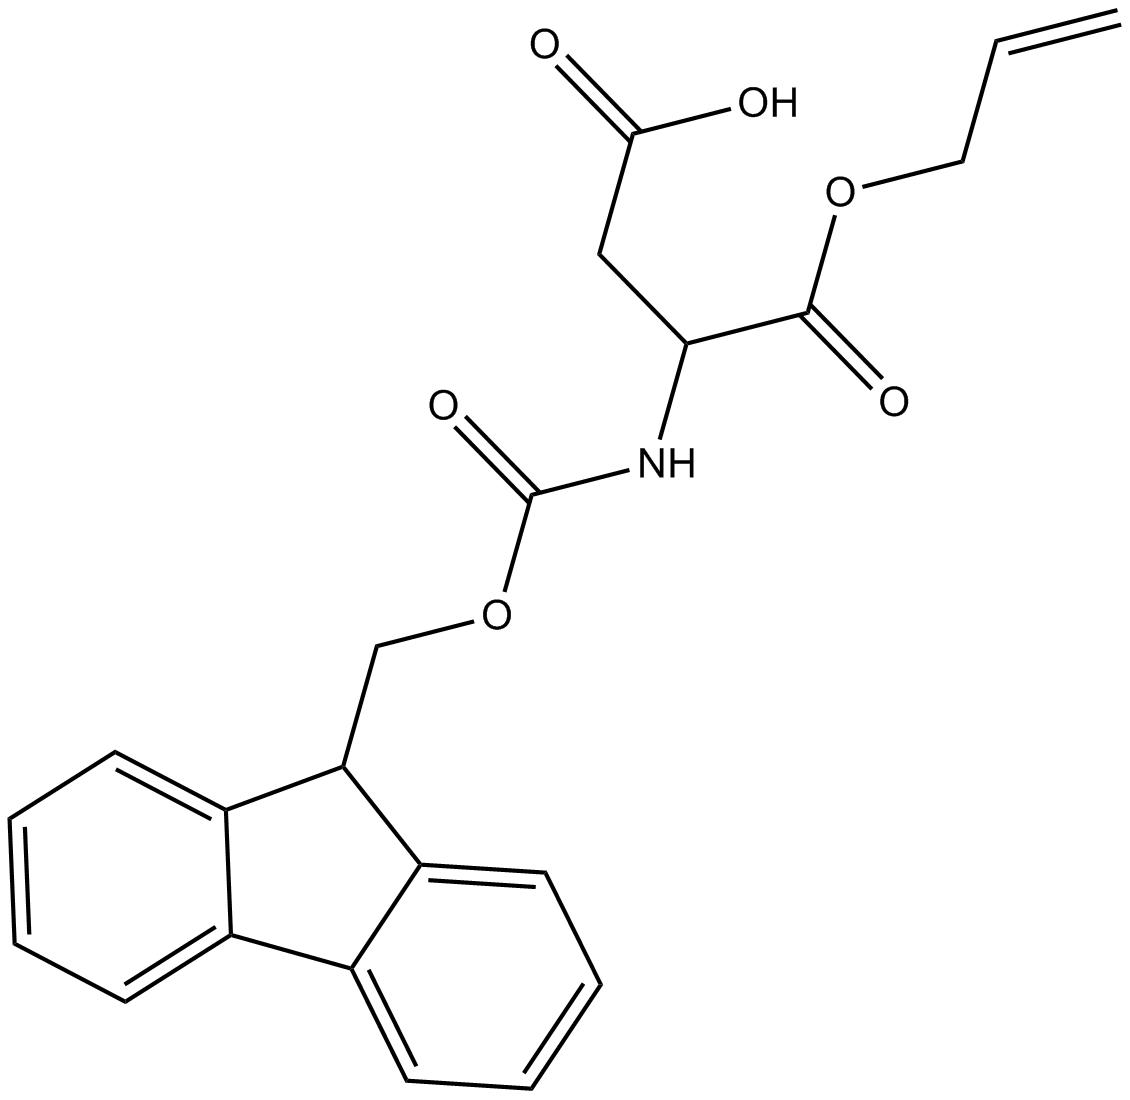 Fmoc-Asp-OAll